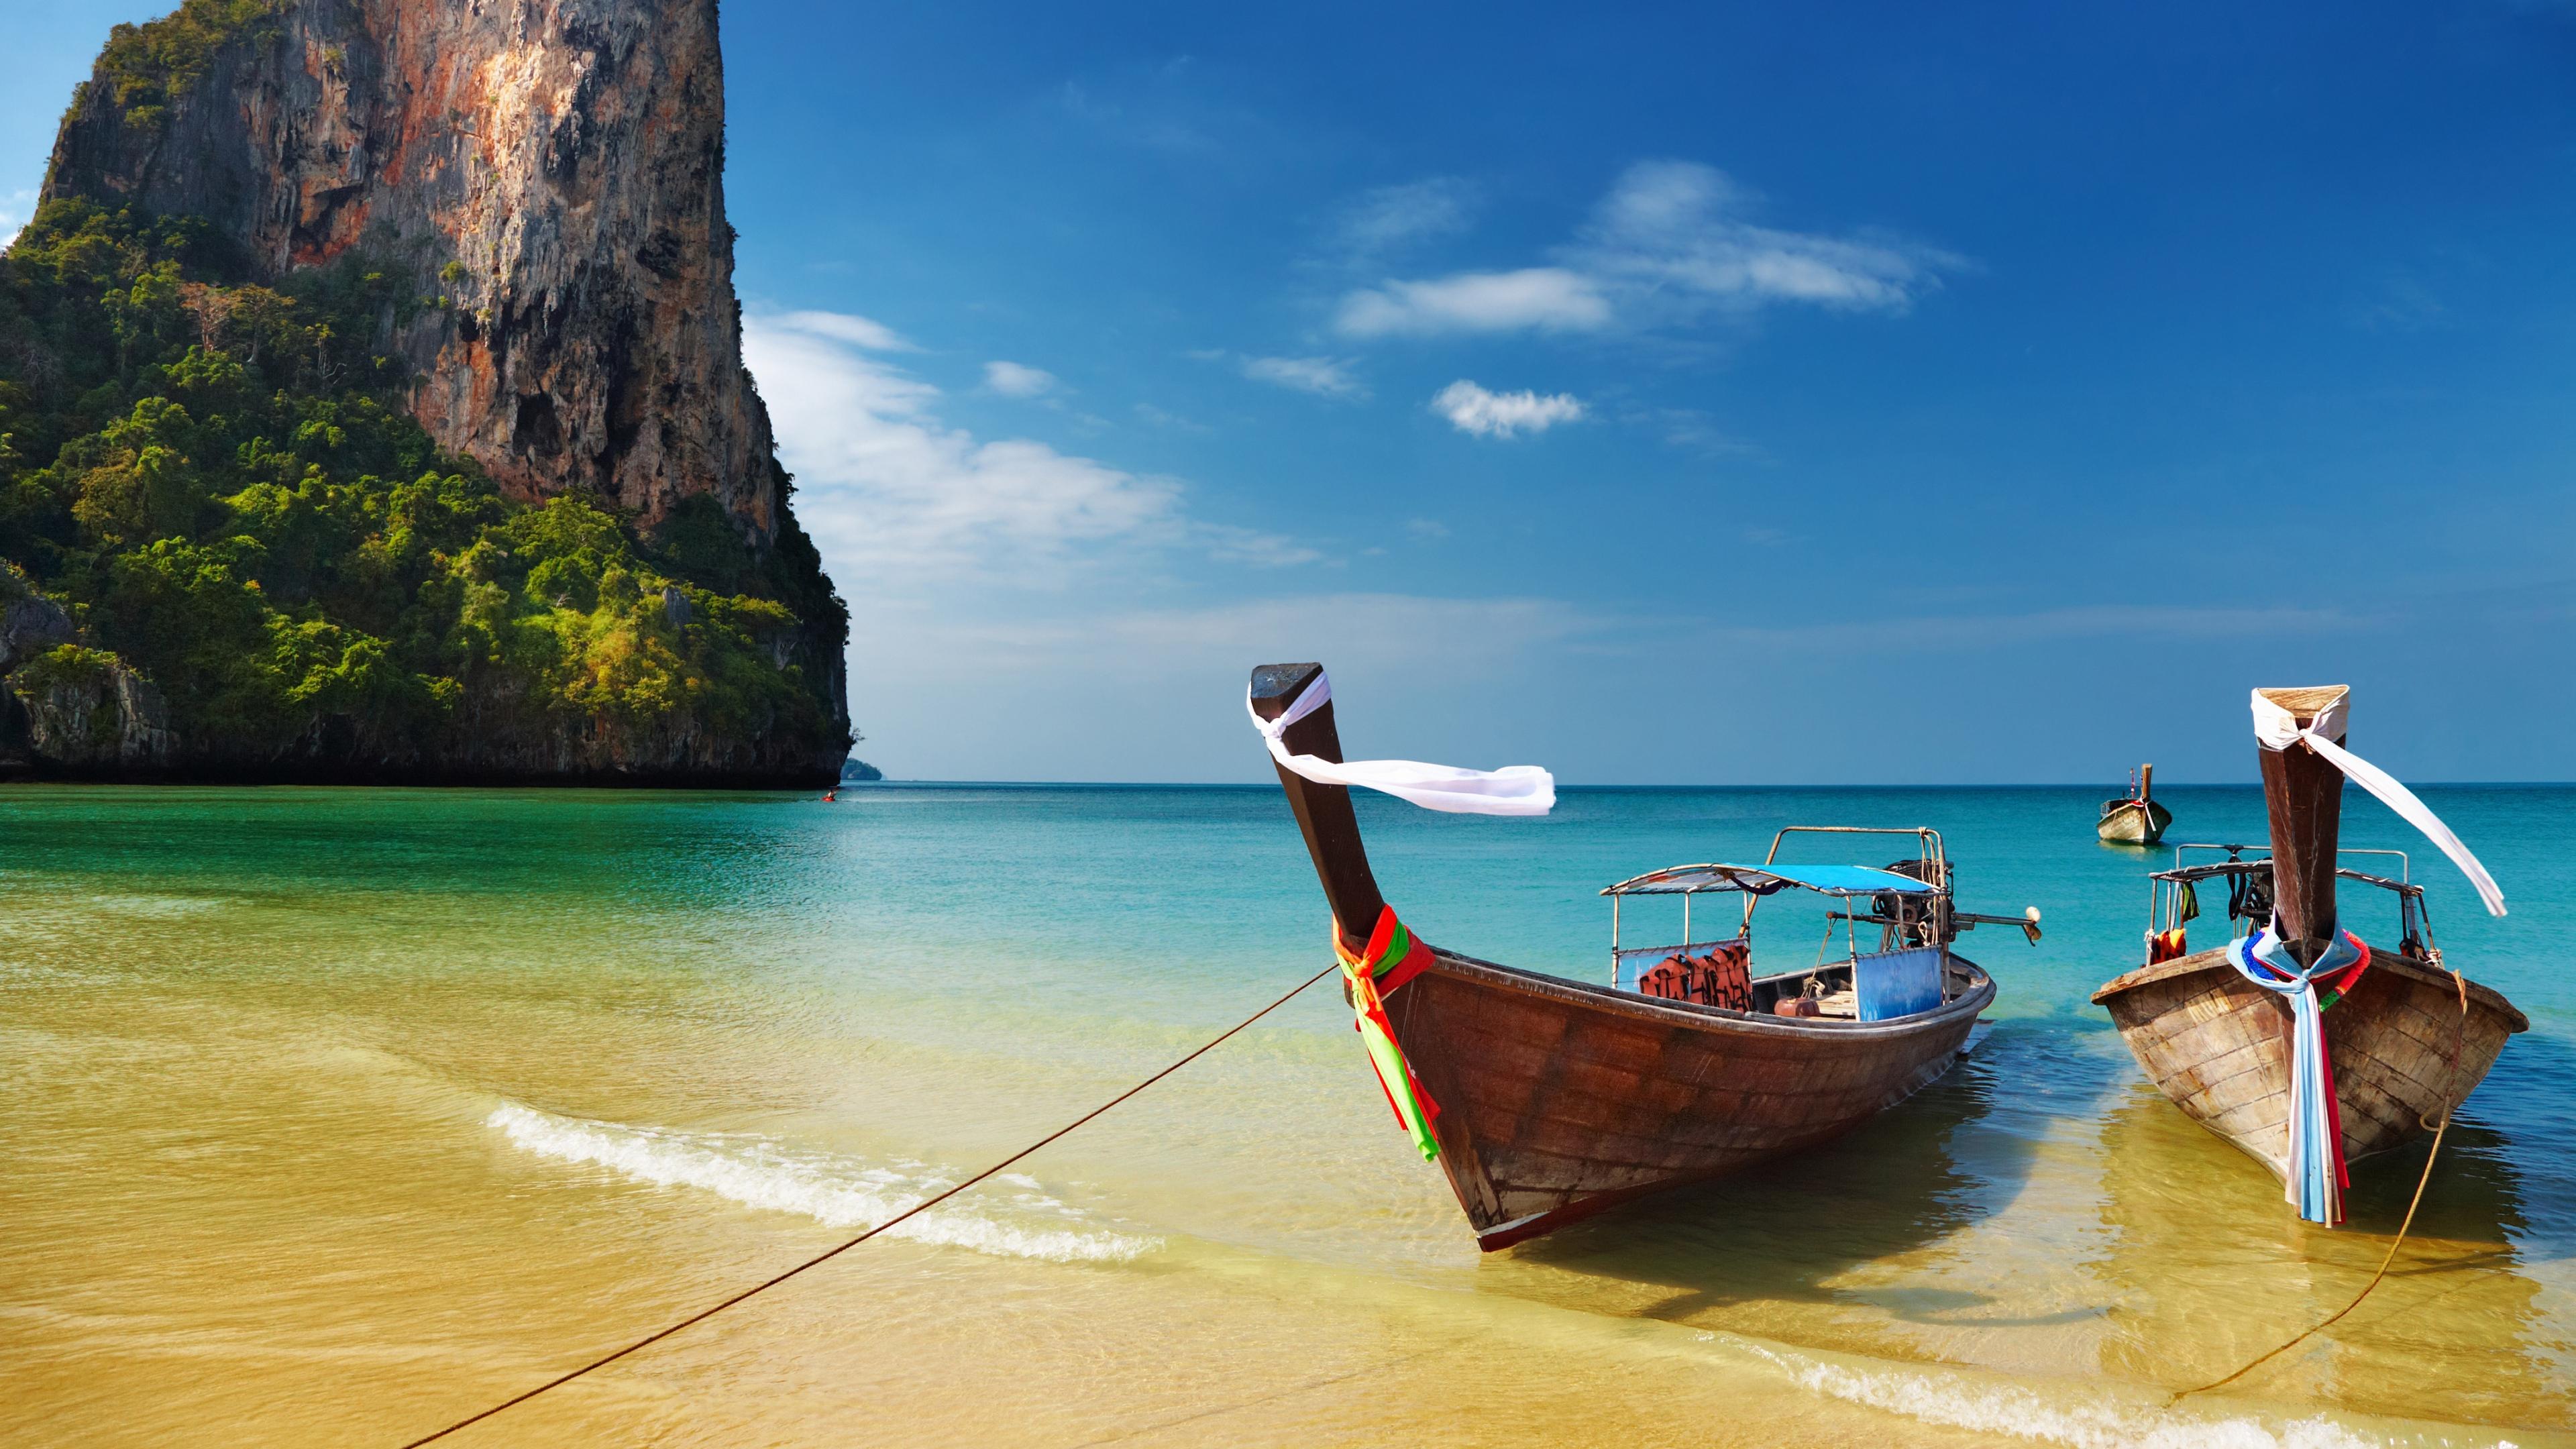 beach Thailand Ultra HD wallpaper Wide Screen Wallpaper 1080p2K4K 3840x2160